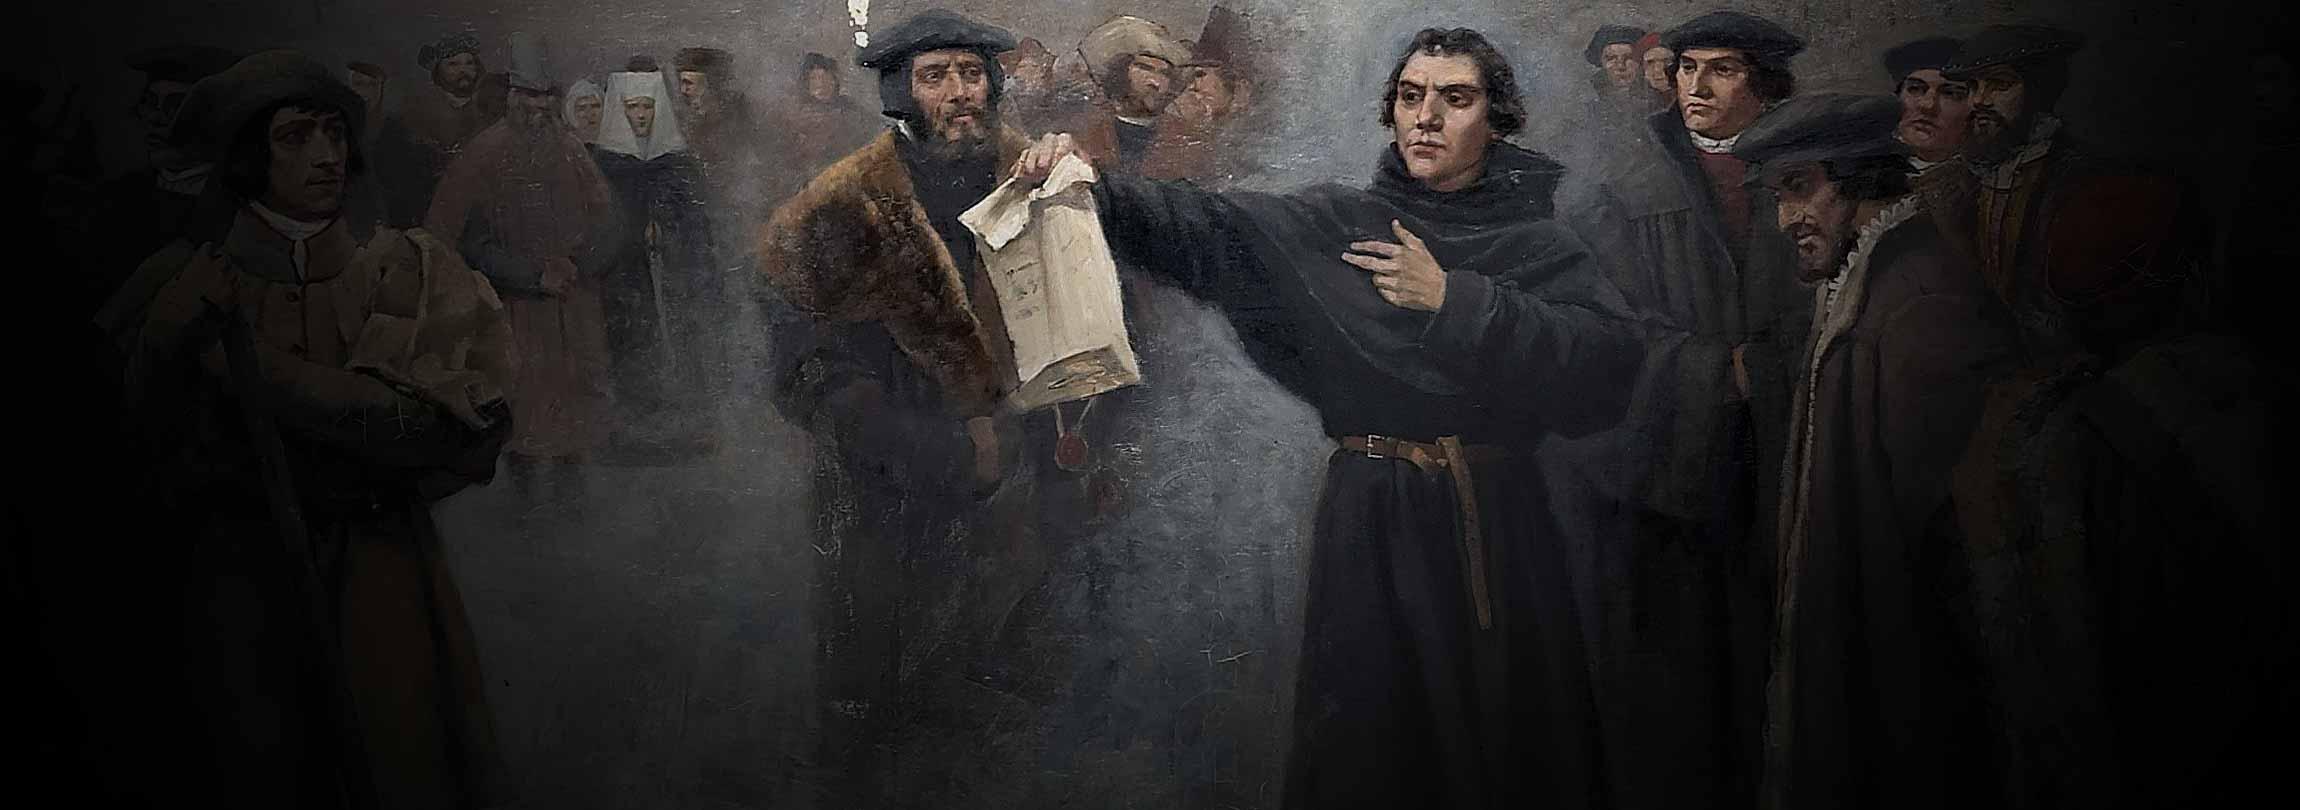 """Com que direito Lutero pretendia """"reformar"""" a Igreja?"""